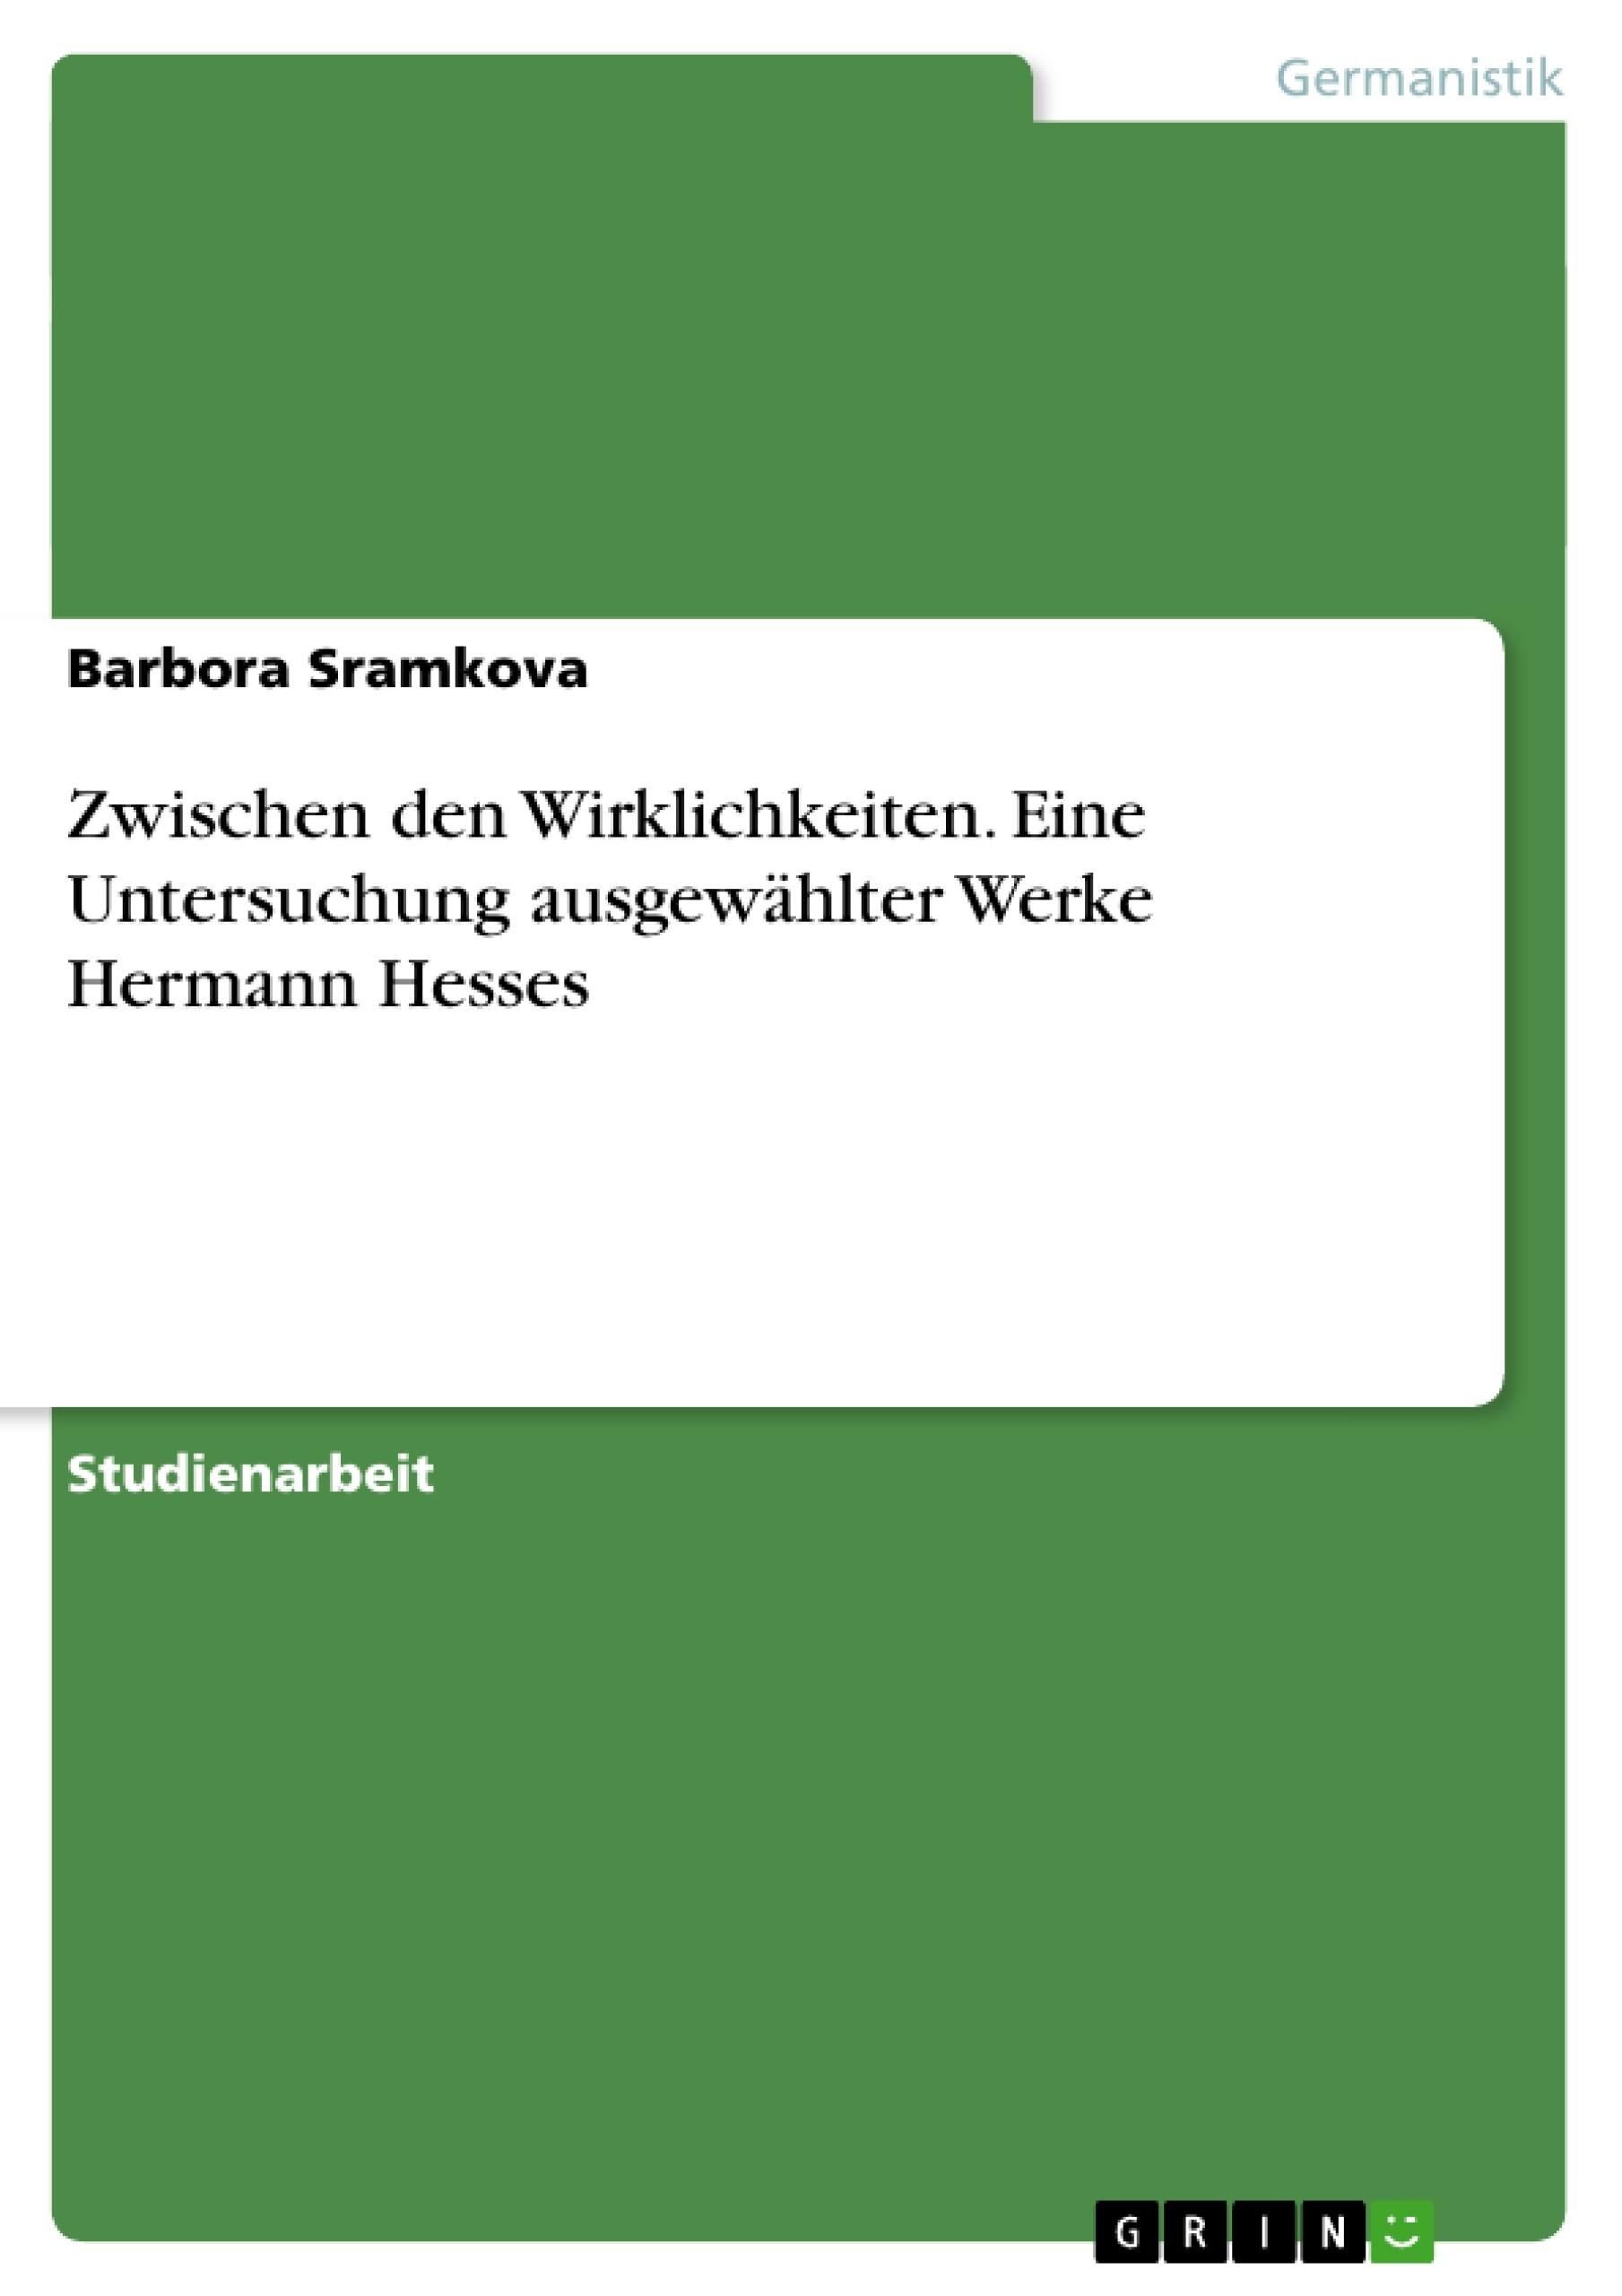 Titel: Zwischen den Wirklichkeiten. Eine Untersuchung ausgewählter Werke Hermann Hesses